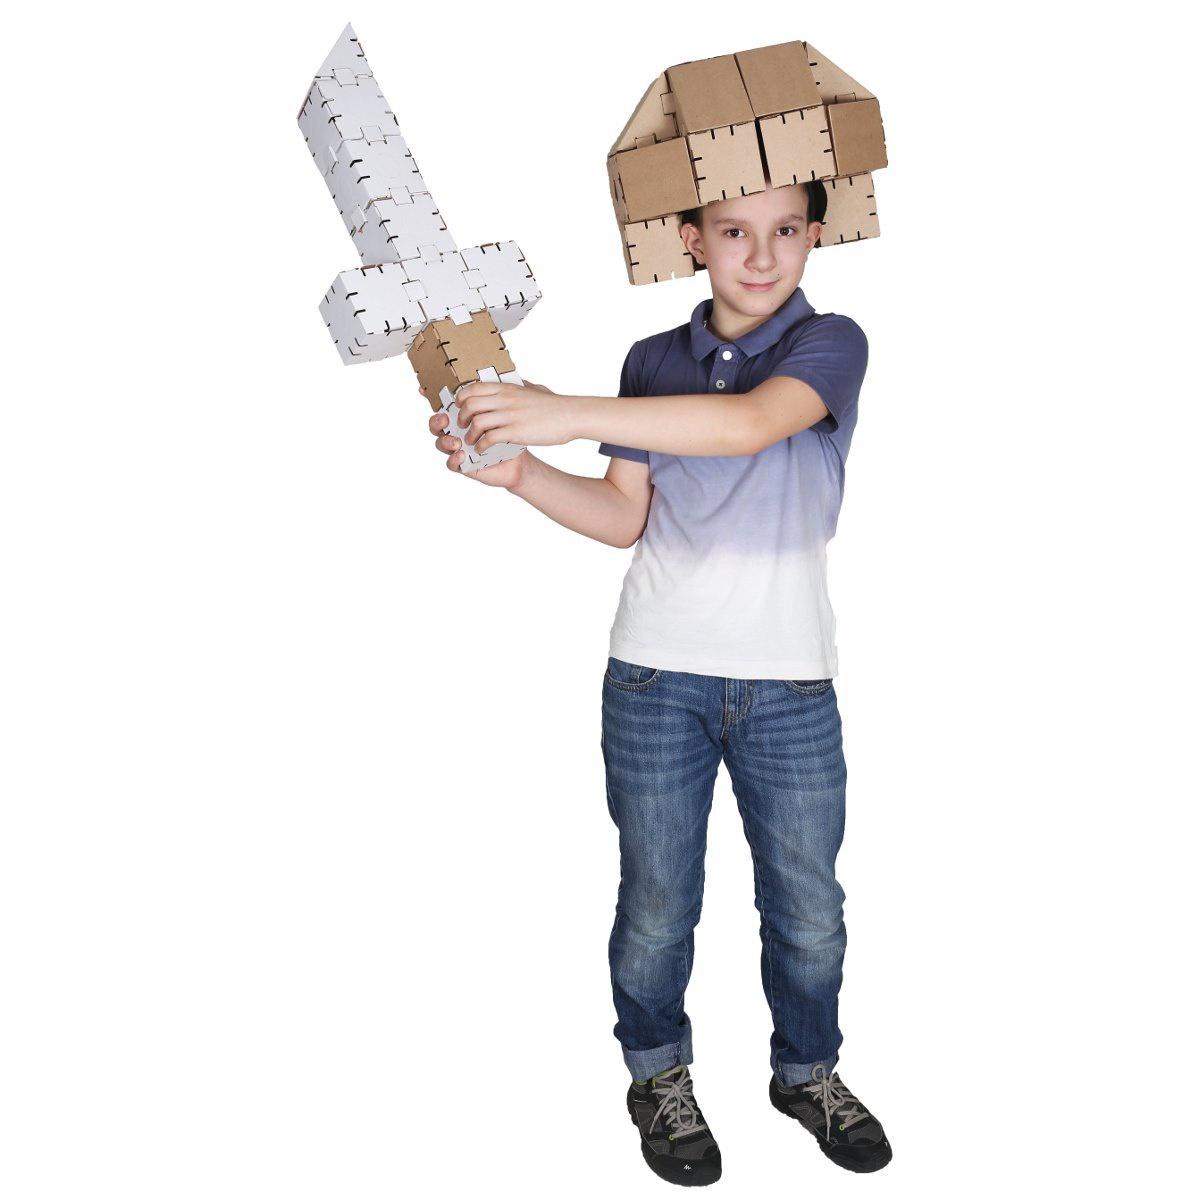 Конструктор картонный Yohocraft Набор Воина yohocube картонный конструктор ангелочки yohocube